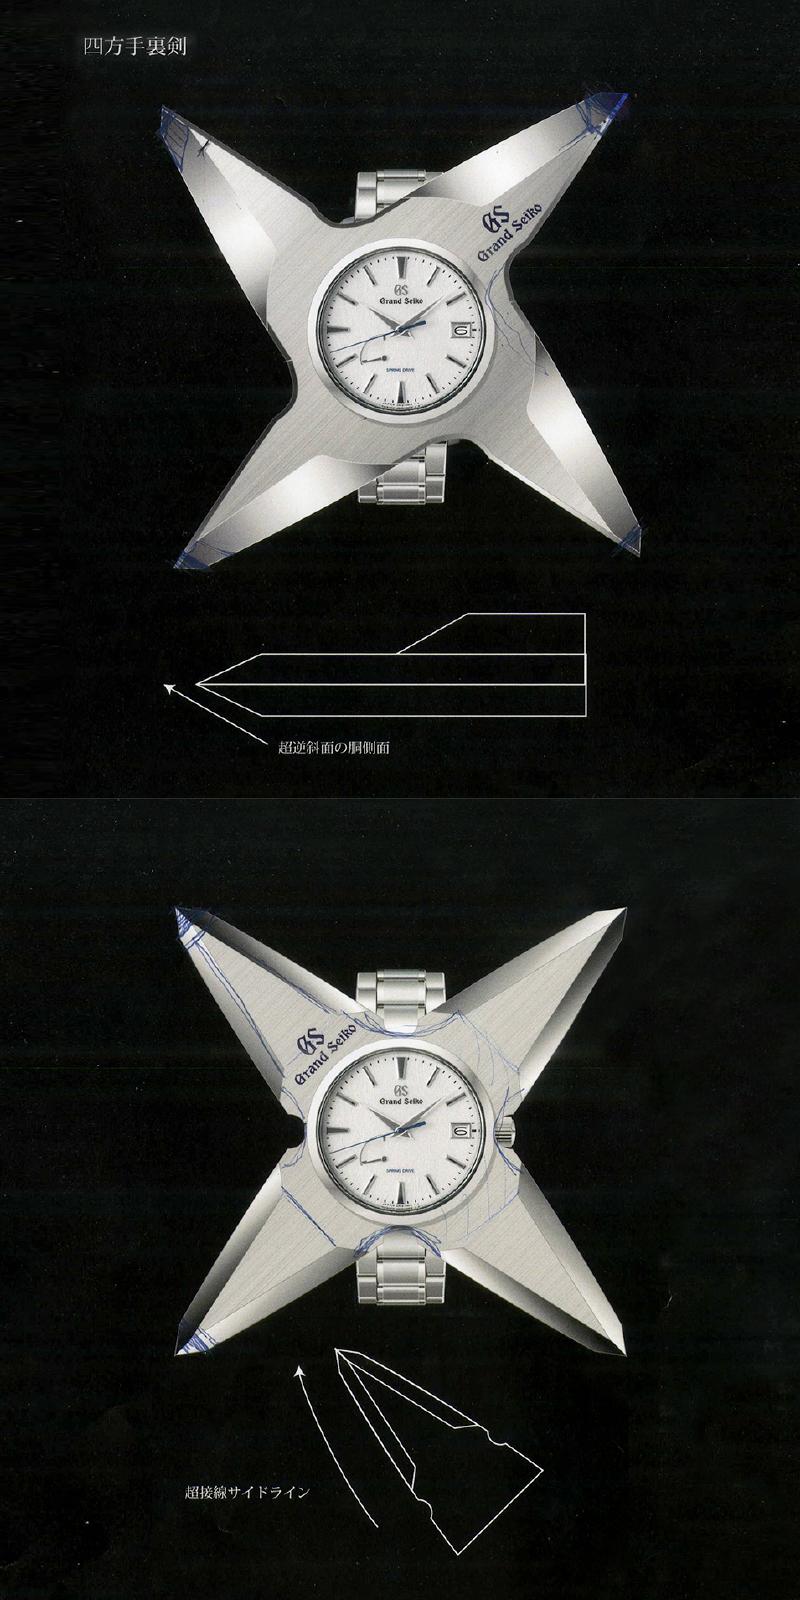 手裏剣のデザイン画